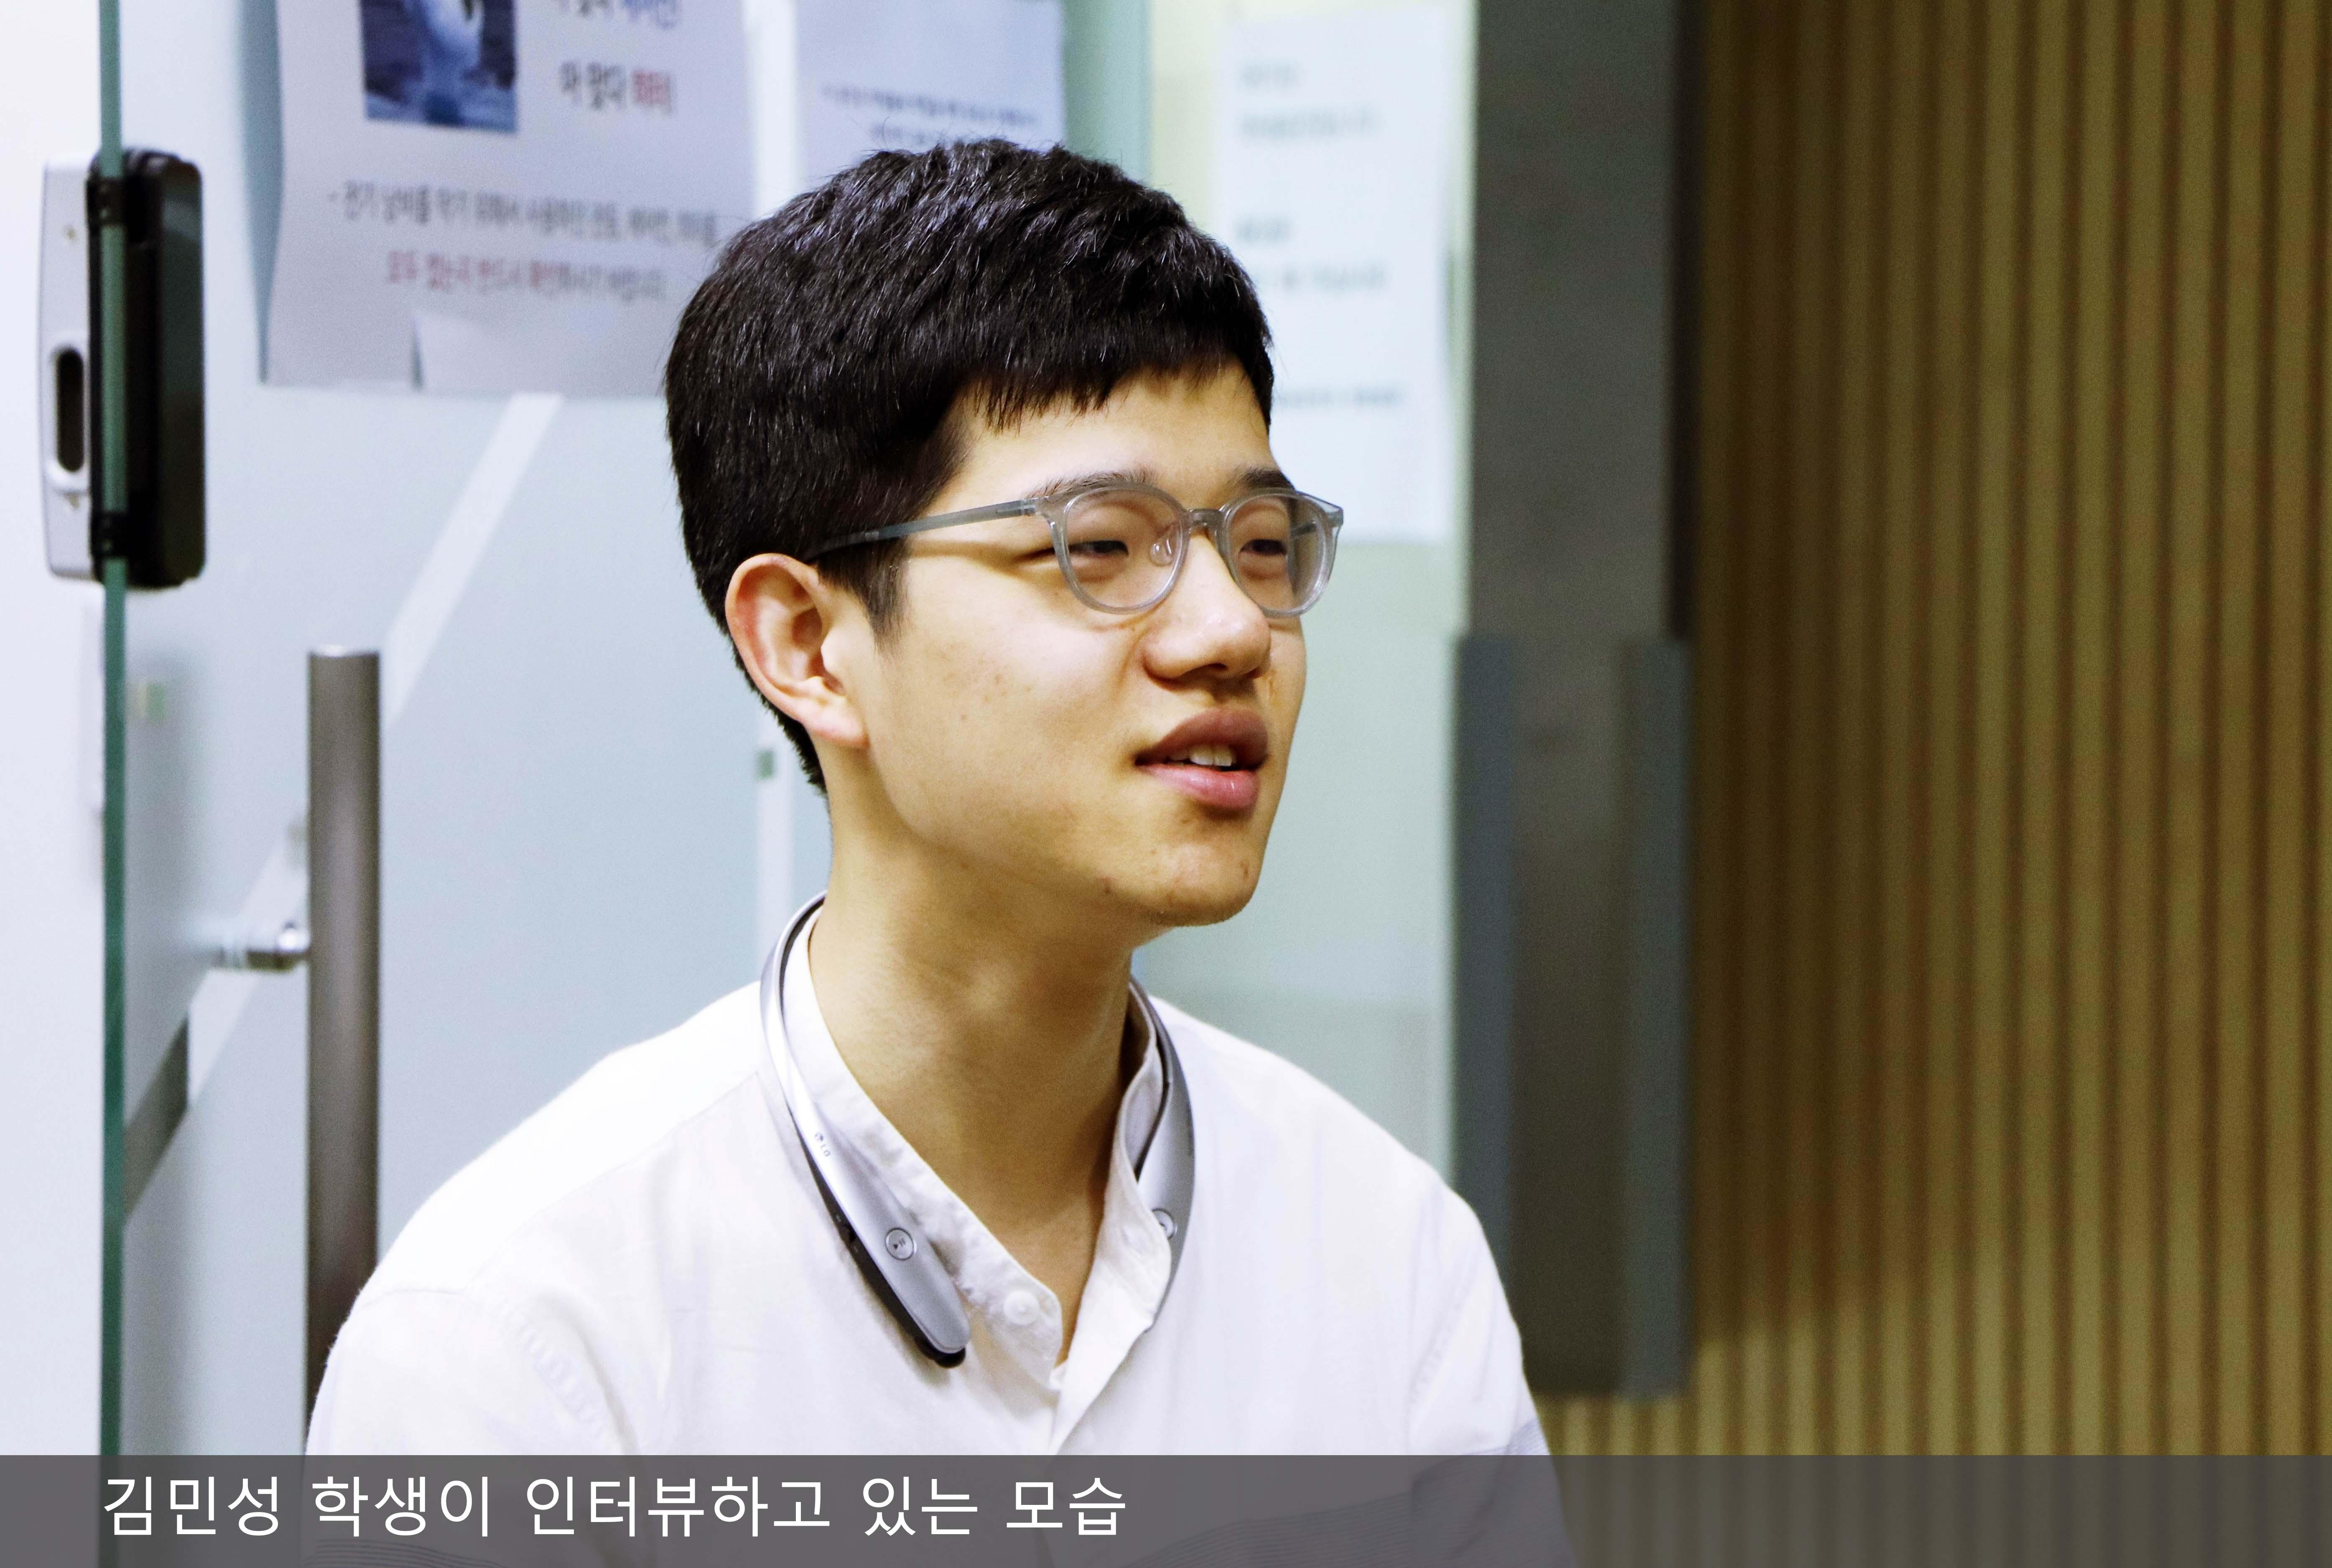 김민성 학생이 인터뷰하고 있는 모습